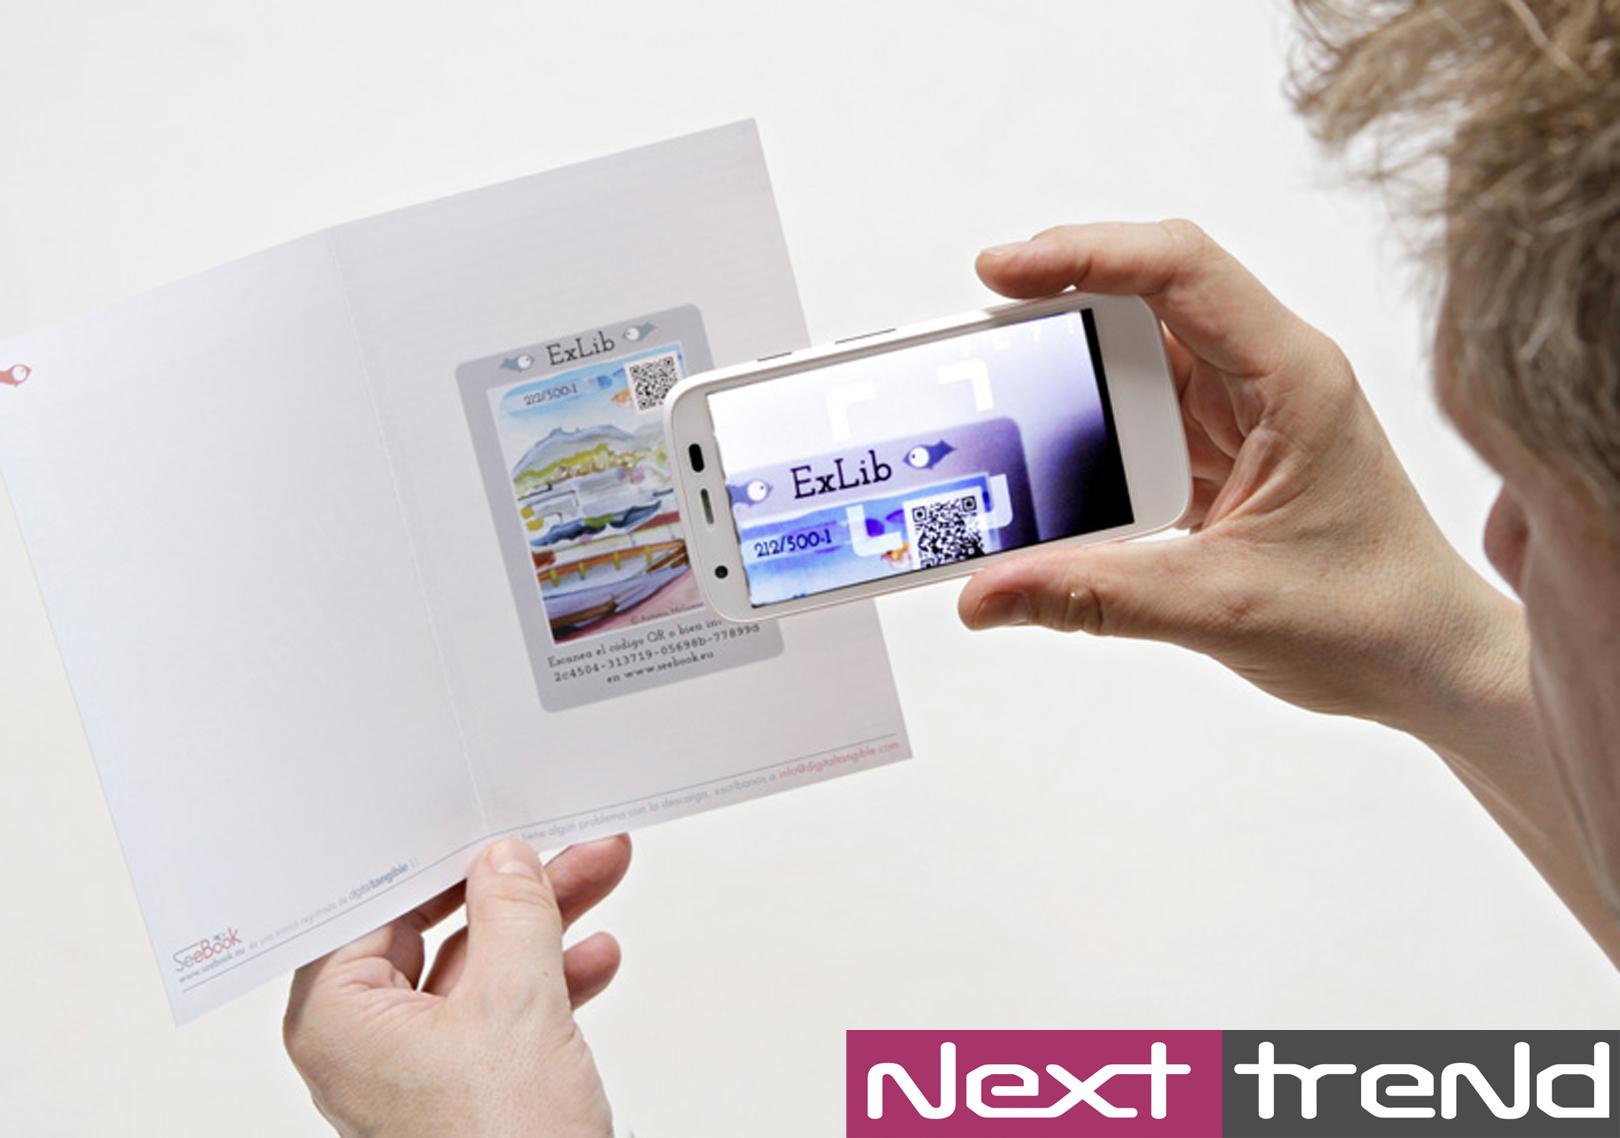 seebook-ebook-libro-electronico-nexttrend